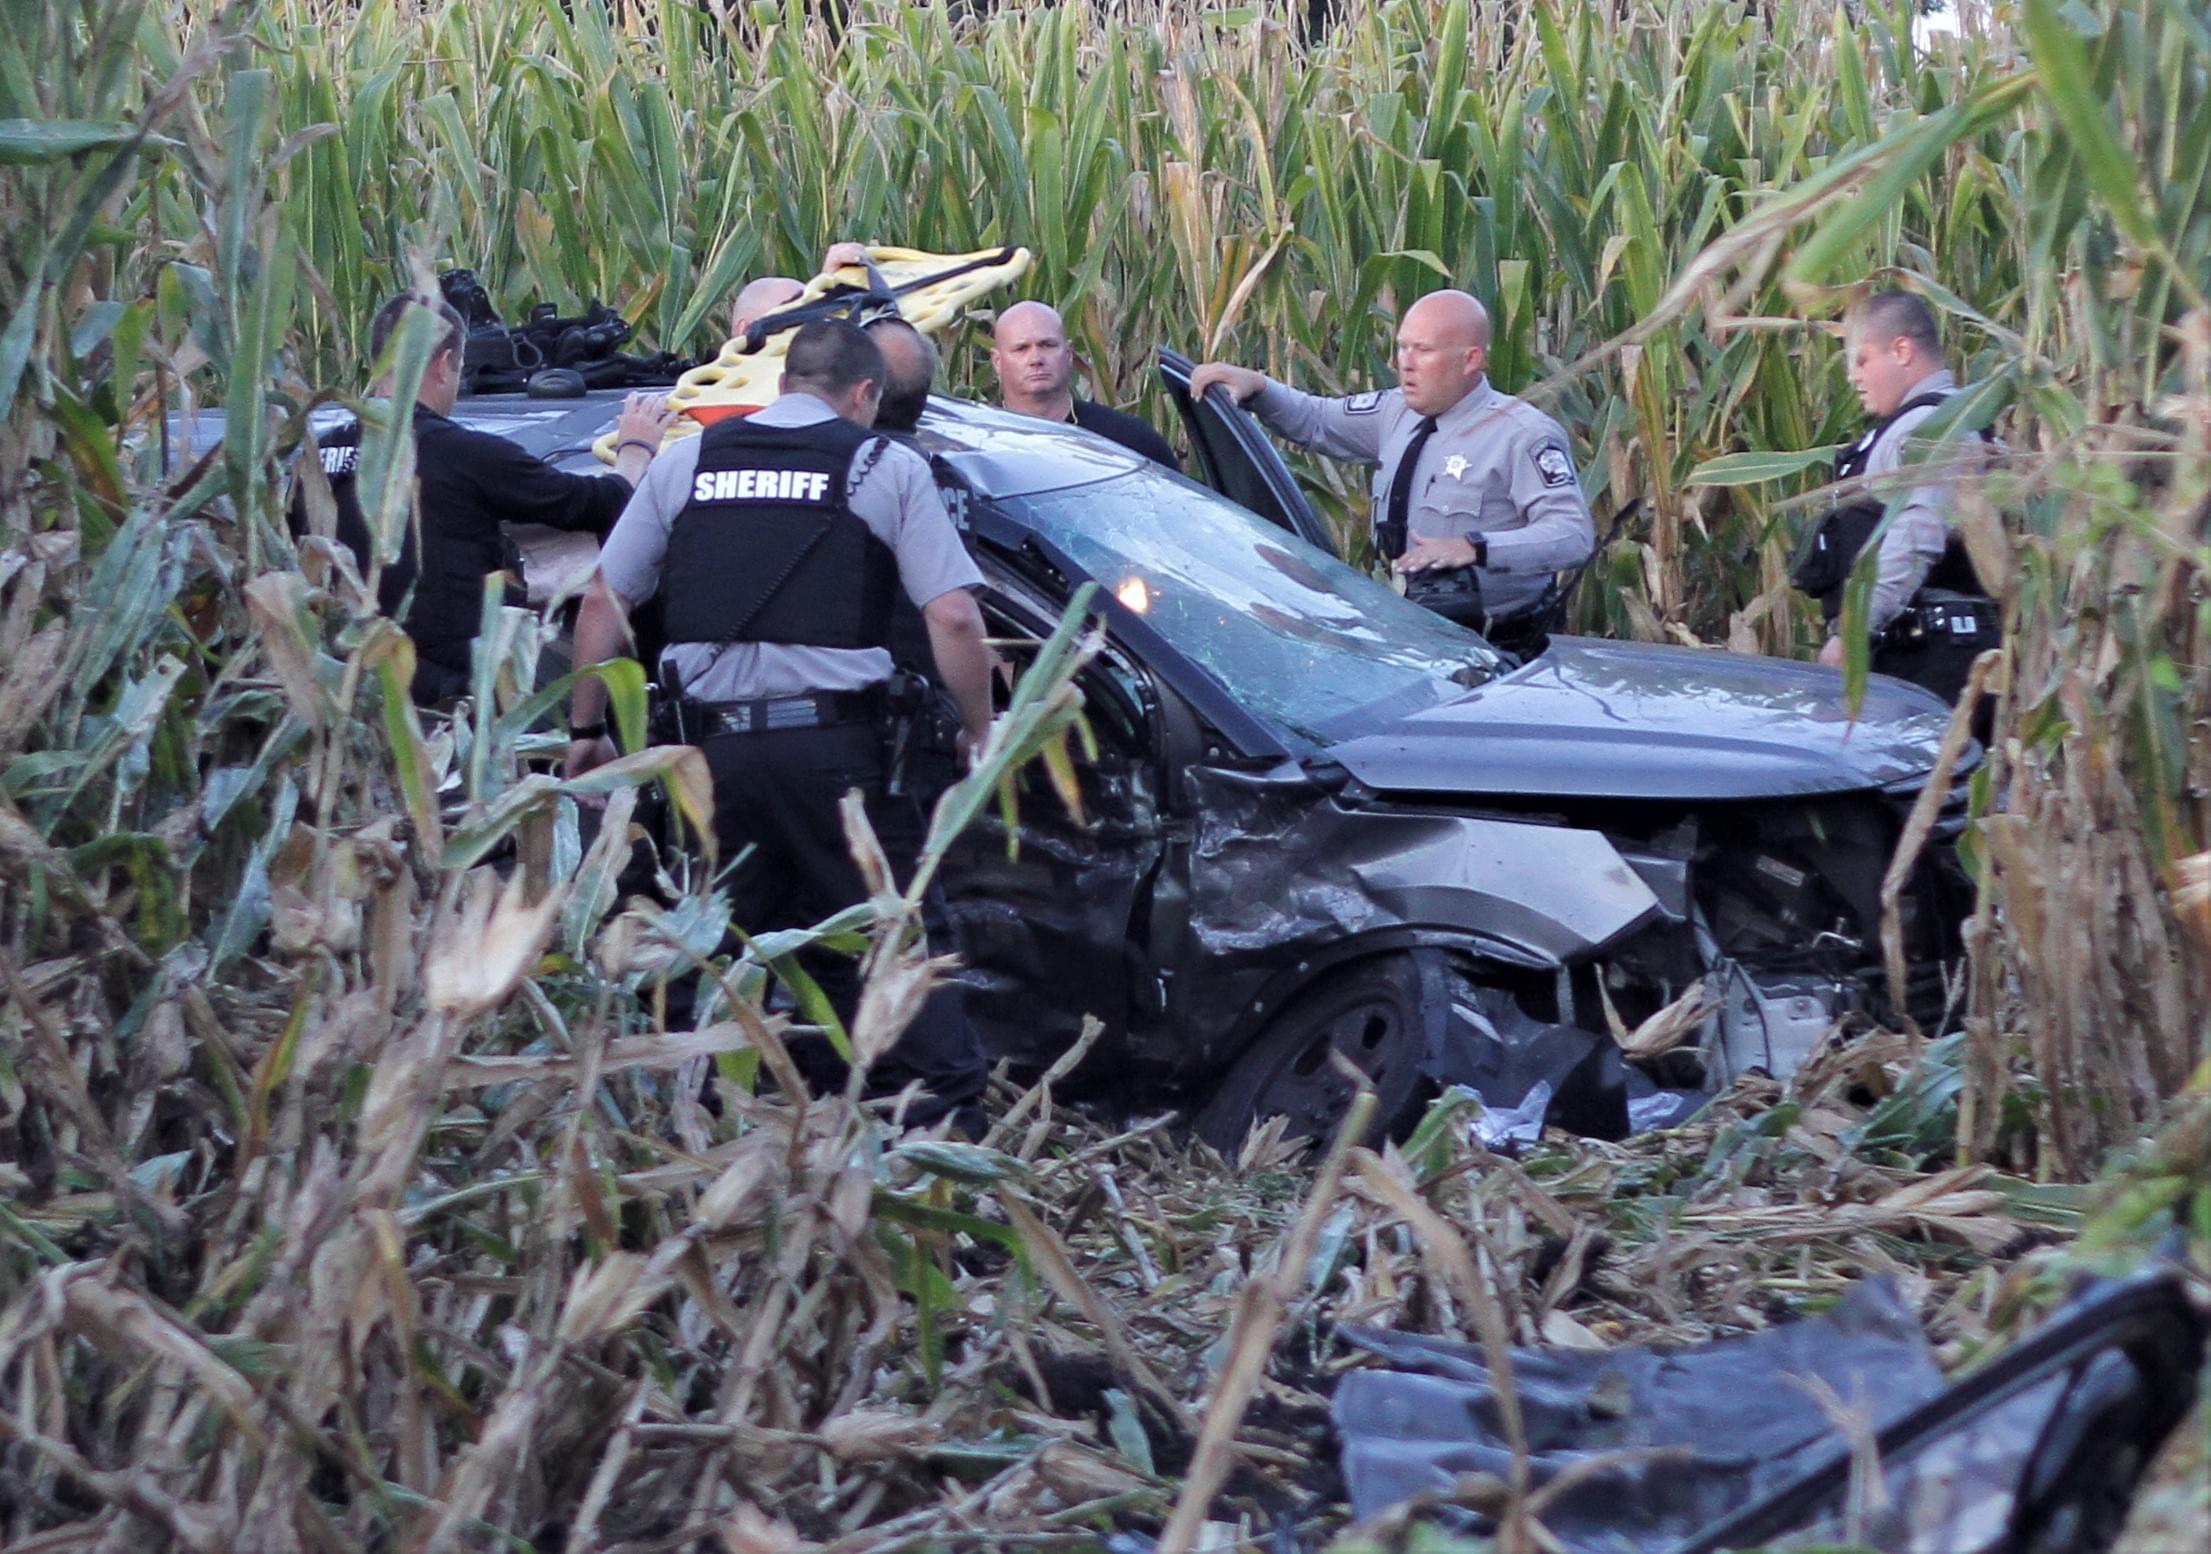 Highway Patrol Investigating Crash Involving Sheriff's Deputy